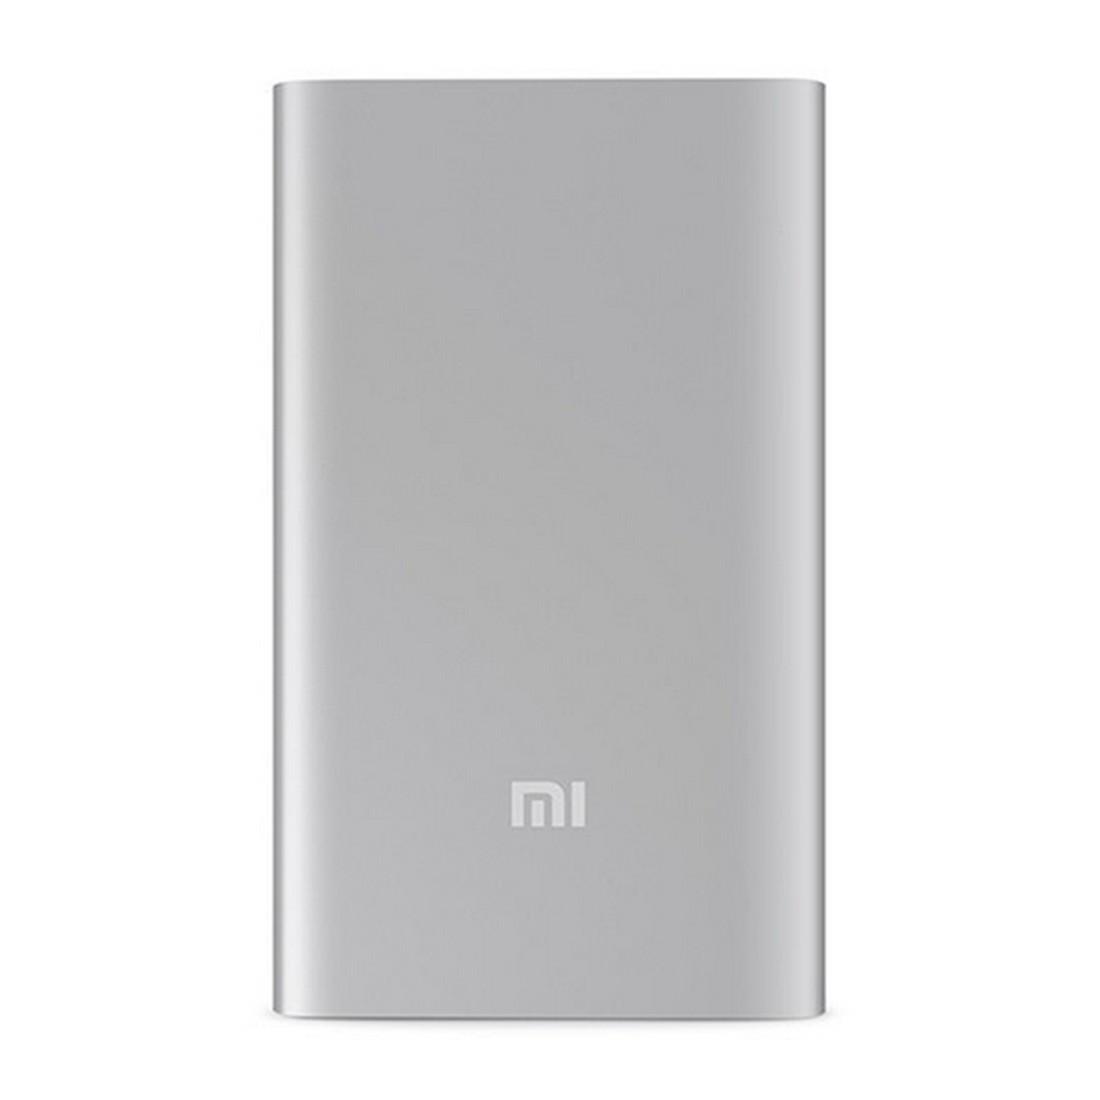 Портативное зарядное устройство, Xiaomi, Mi Power Bank 10000 mAh V2 VXN4182CN, Выход USB: 1*2.1A, Ин